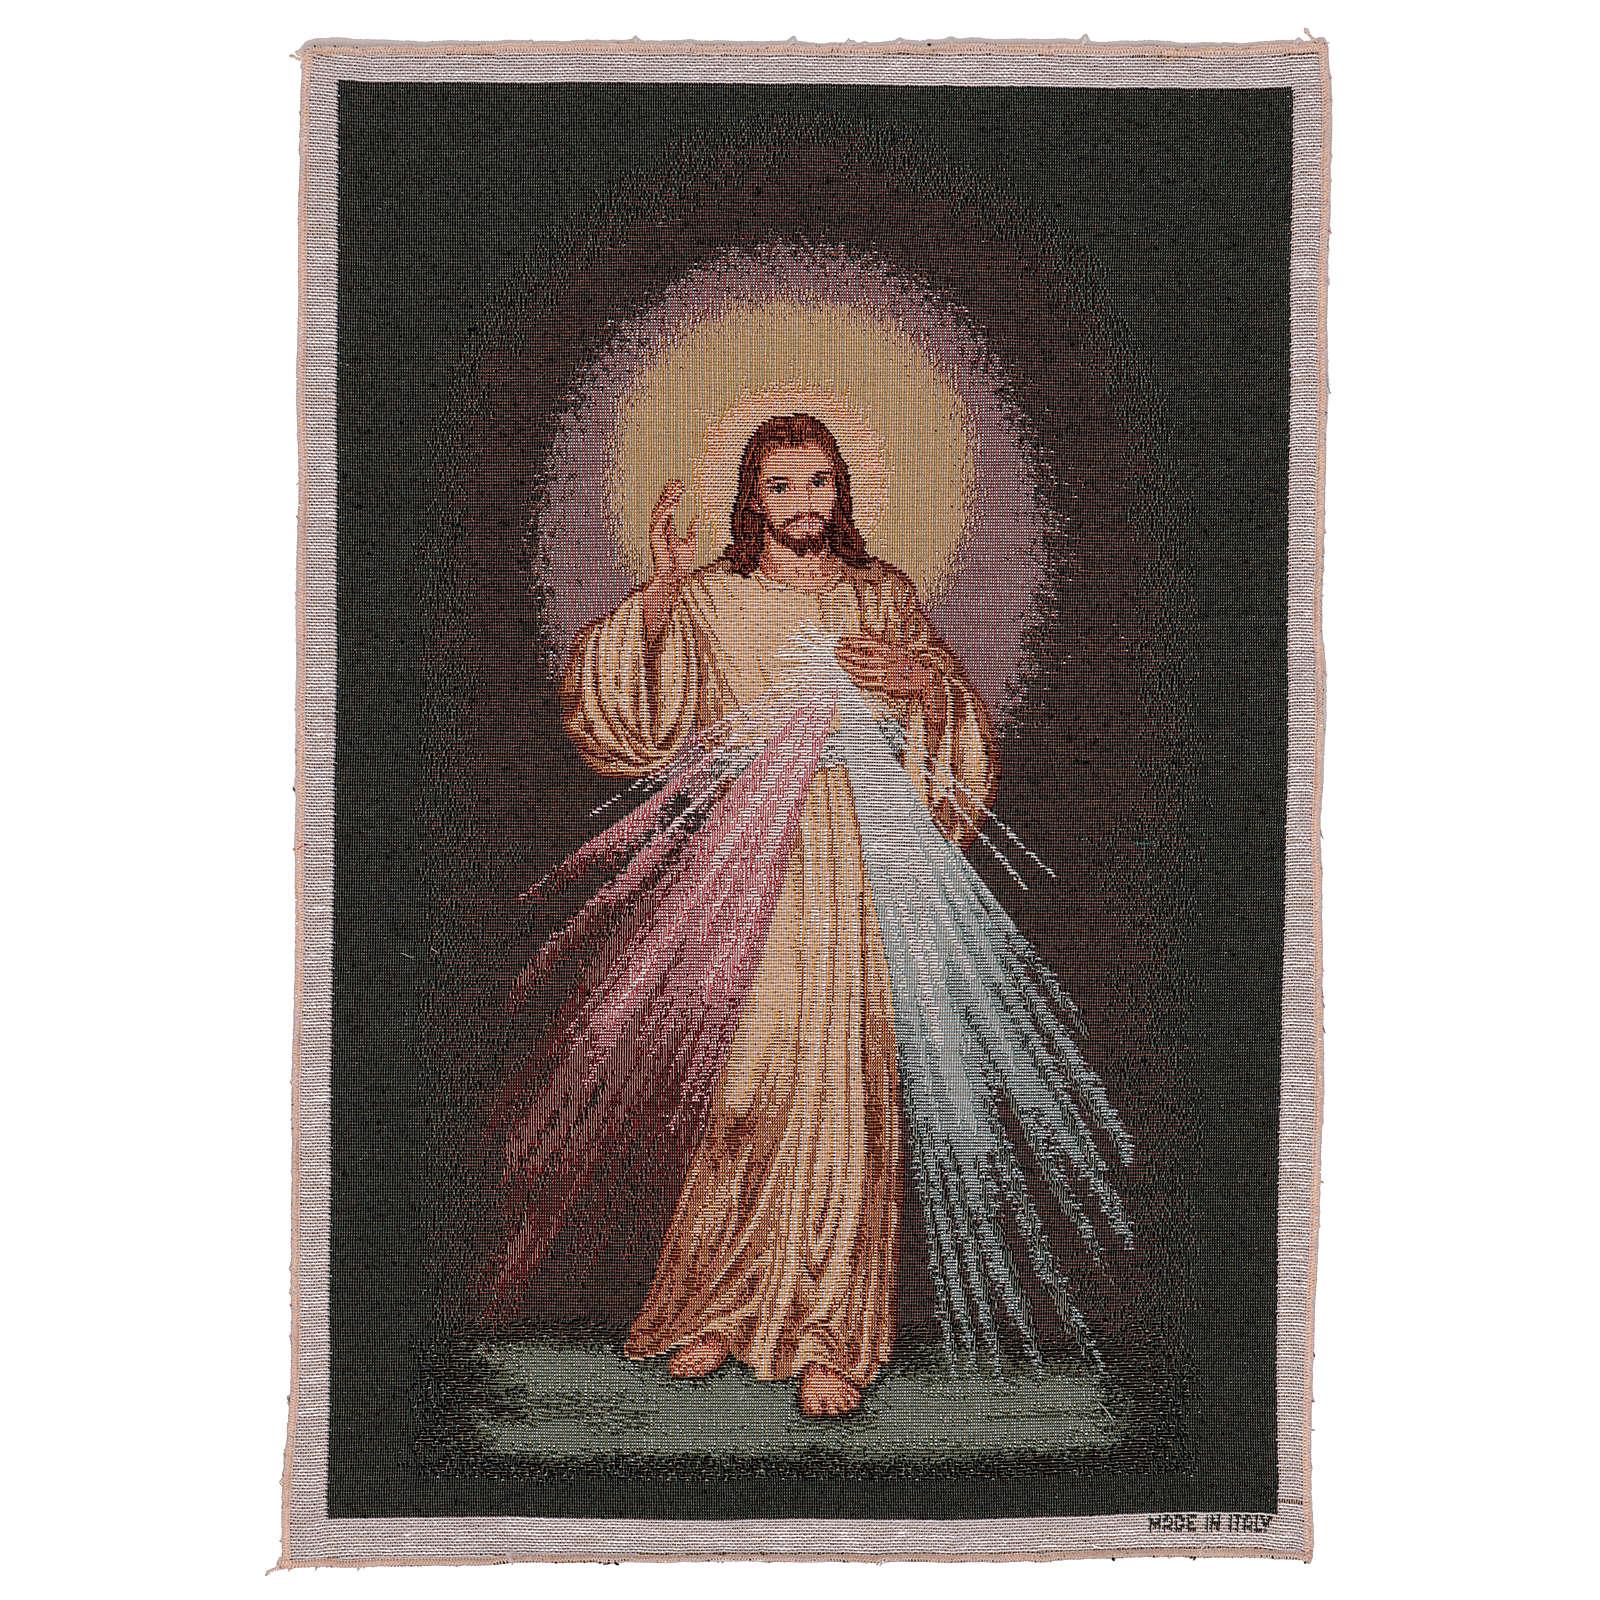 Wandteppich Barmherziger Jesus vor dunklem Hintergrund 60x40 cm 3